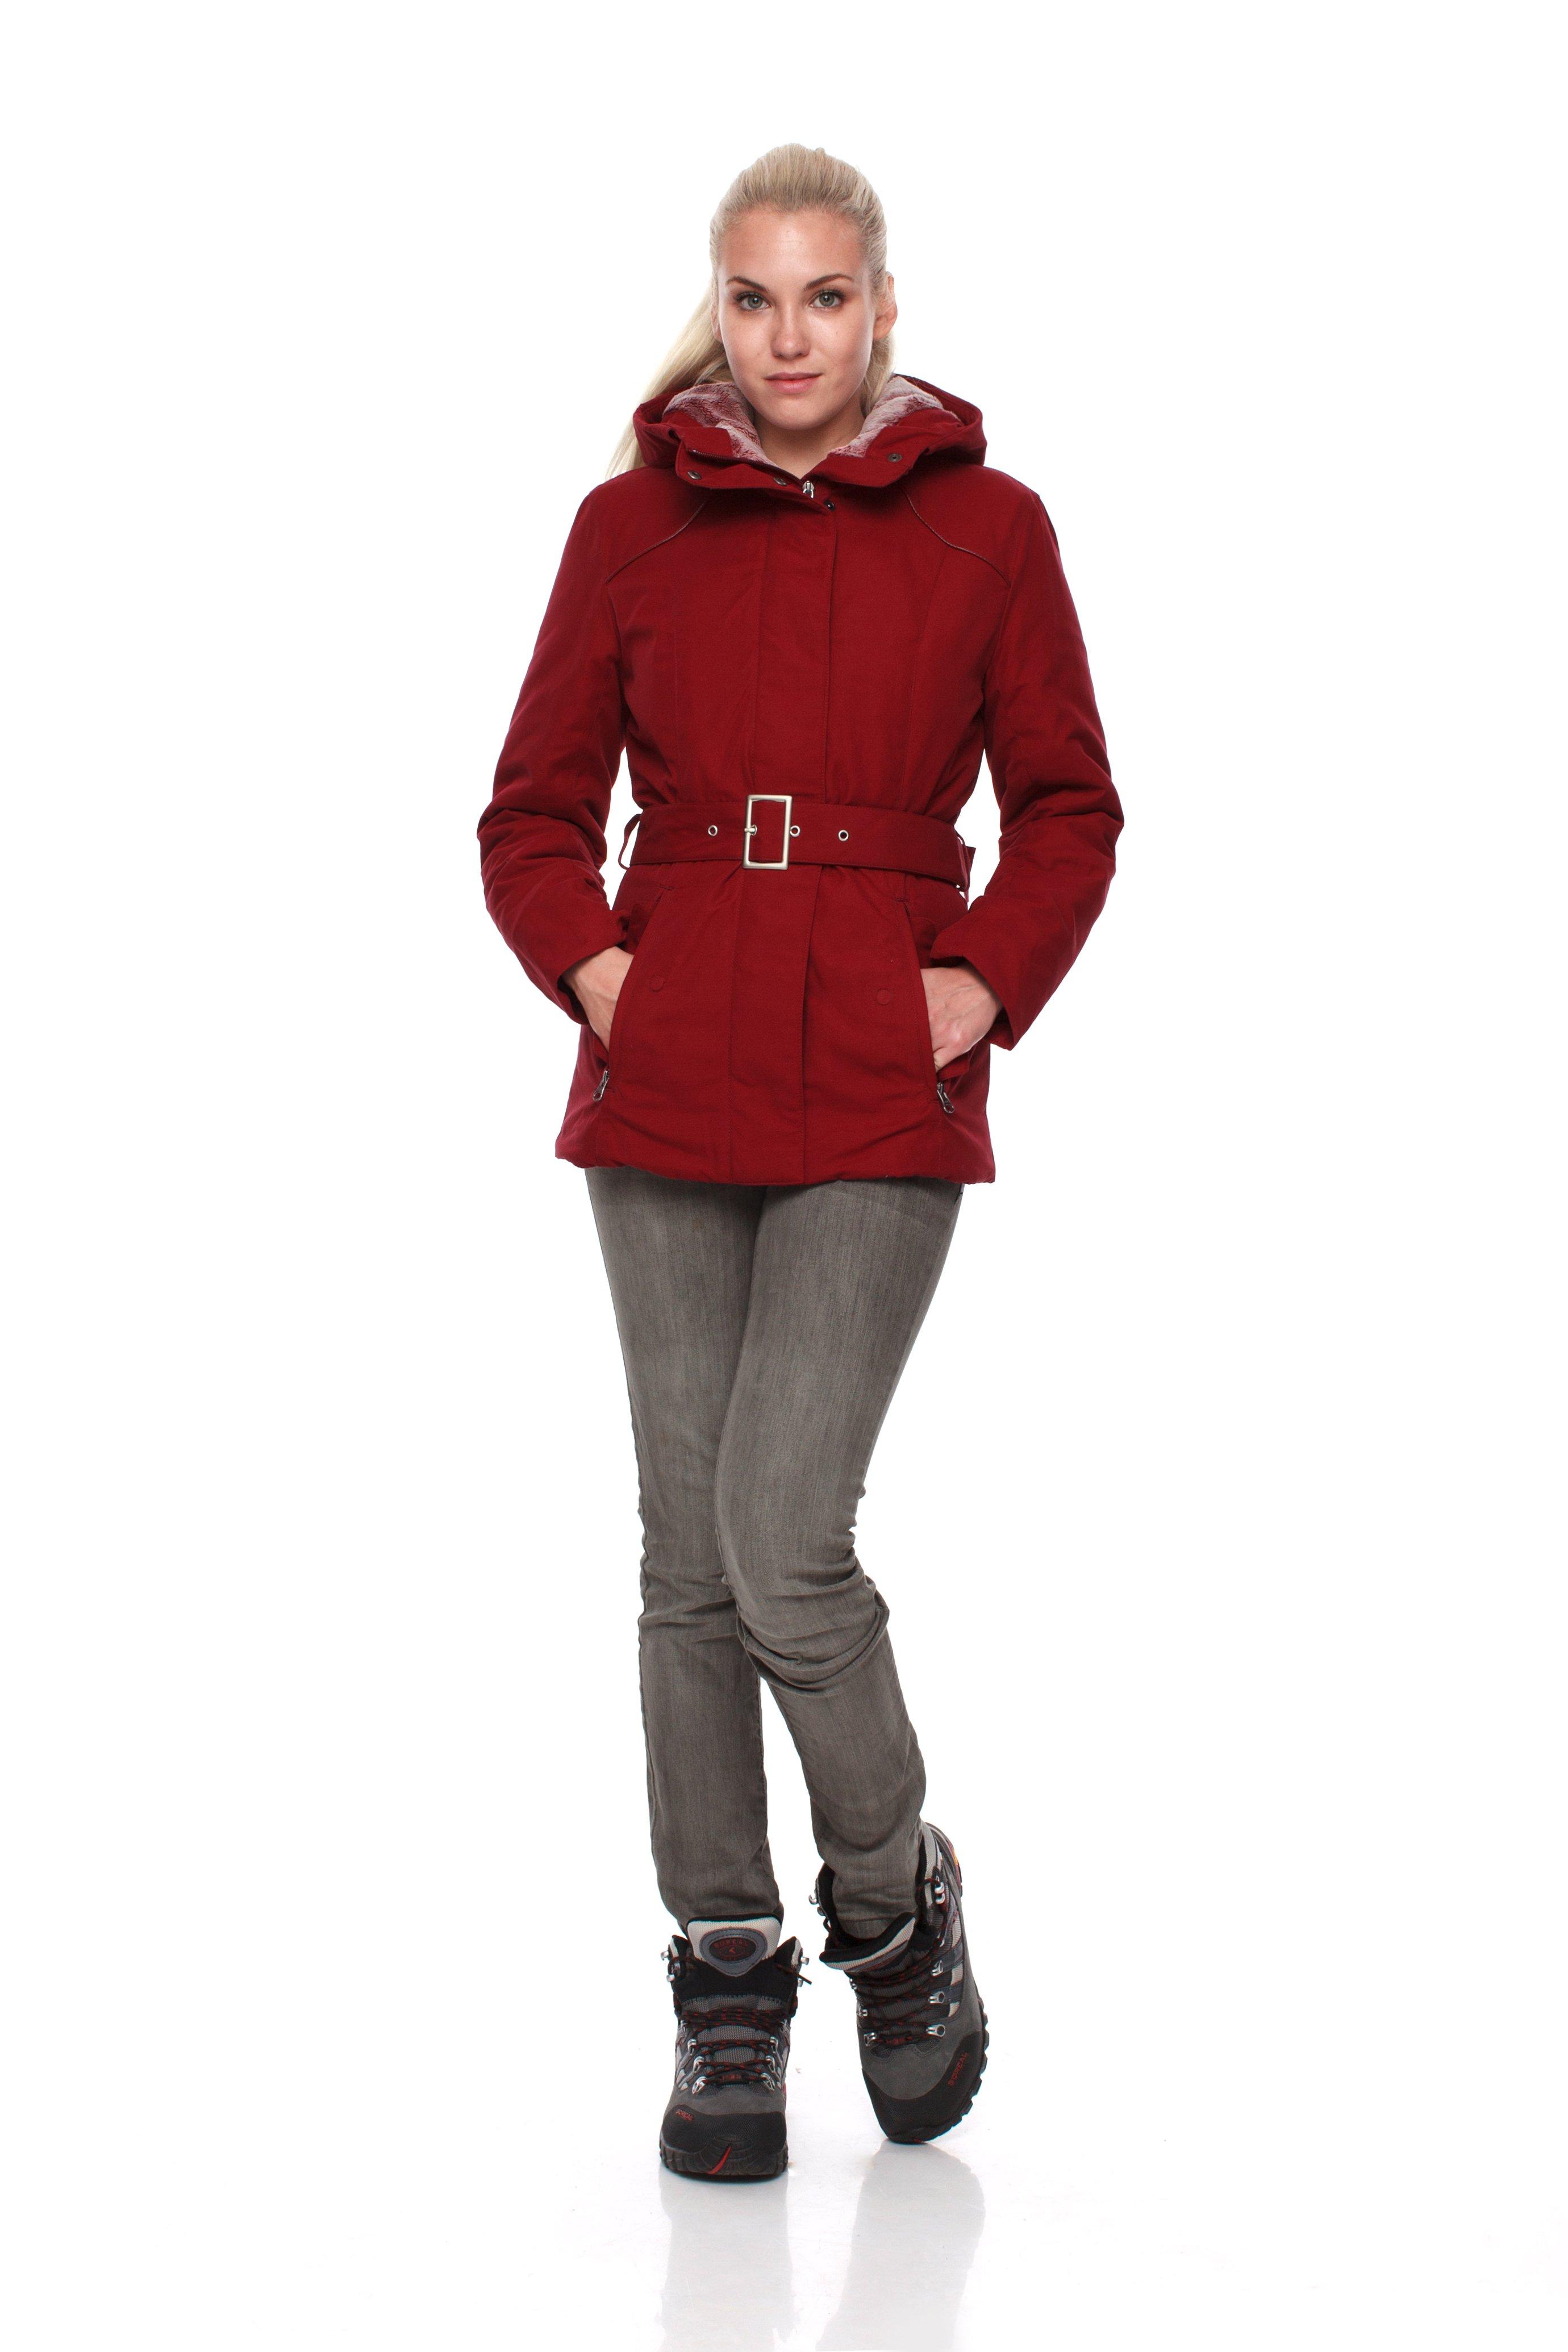 Куртка BASK SHL FURY 5455Куртки<br><br><br>Верхняя ткань: Nylon 50%,Cotton 50%,Teflon WR<br>Ветро-влагозащитные свойства верхней ткани: Да<br>Ветрозащитная планка: Да<br>Ветрозащитная юбка: Нет<br>Влагозащитные молнии: Нет<br>Внутренние манжеты: Да<br>Внутренняя ткань: Advance® Classic<br>Дублирующий центральную молнию клапан: Да<br>Защитный козырёк капюшона: Нет<br>Капюшон: Несъемный<br>Количество внешних карманов: 2<br>Количество внутренних карманов: 2<br>Коллекция: Bask City<br>Мембрана: Нет<br>Объемный крой локтевой зоны: Нет<br>Отстёгивающиеся рукава: Нет<br>Пол: Женский<br>Проклейка швов: Нет<br>Регулировка манжетов рукавов: Нет<br>Регулировка низа: Нет<br>Регулировка объёма капюшона: Да<br>Регулировка талии: Да<br>Регулируемые вентиляционные отверстия: Нет<br>Световозвращающая лента: Нет<br>Температурный режим: -10<br>Технология Thermal Welding: Нет<br>Технология швов: Простые<br>Тип молнии: Однозамковая<br>Тип утеплителя: Синтетический<br>Ткань усиления: Нет<br>Усиление контактных зон: Нет<br>Утеплитель: Shelter®Sport<br>Размер RU: 44<br>Цвет: КОРИЧНЕВЫЙ